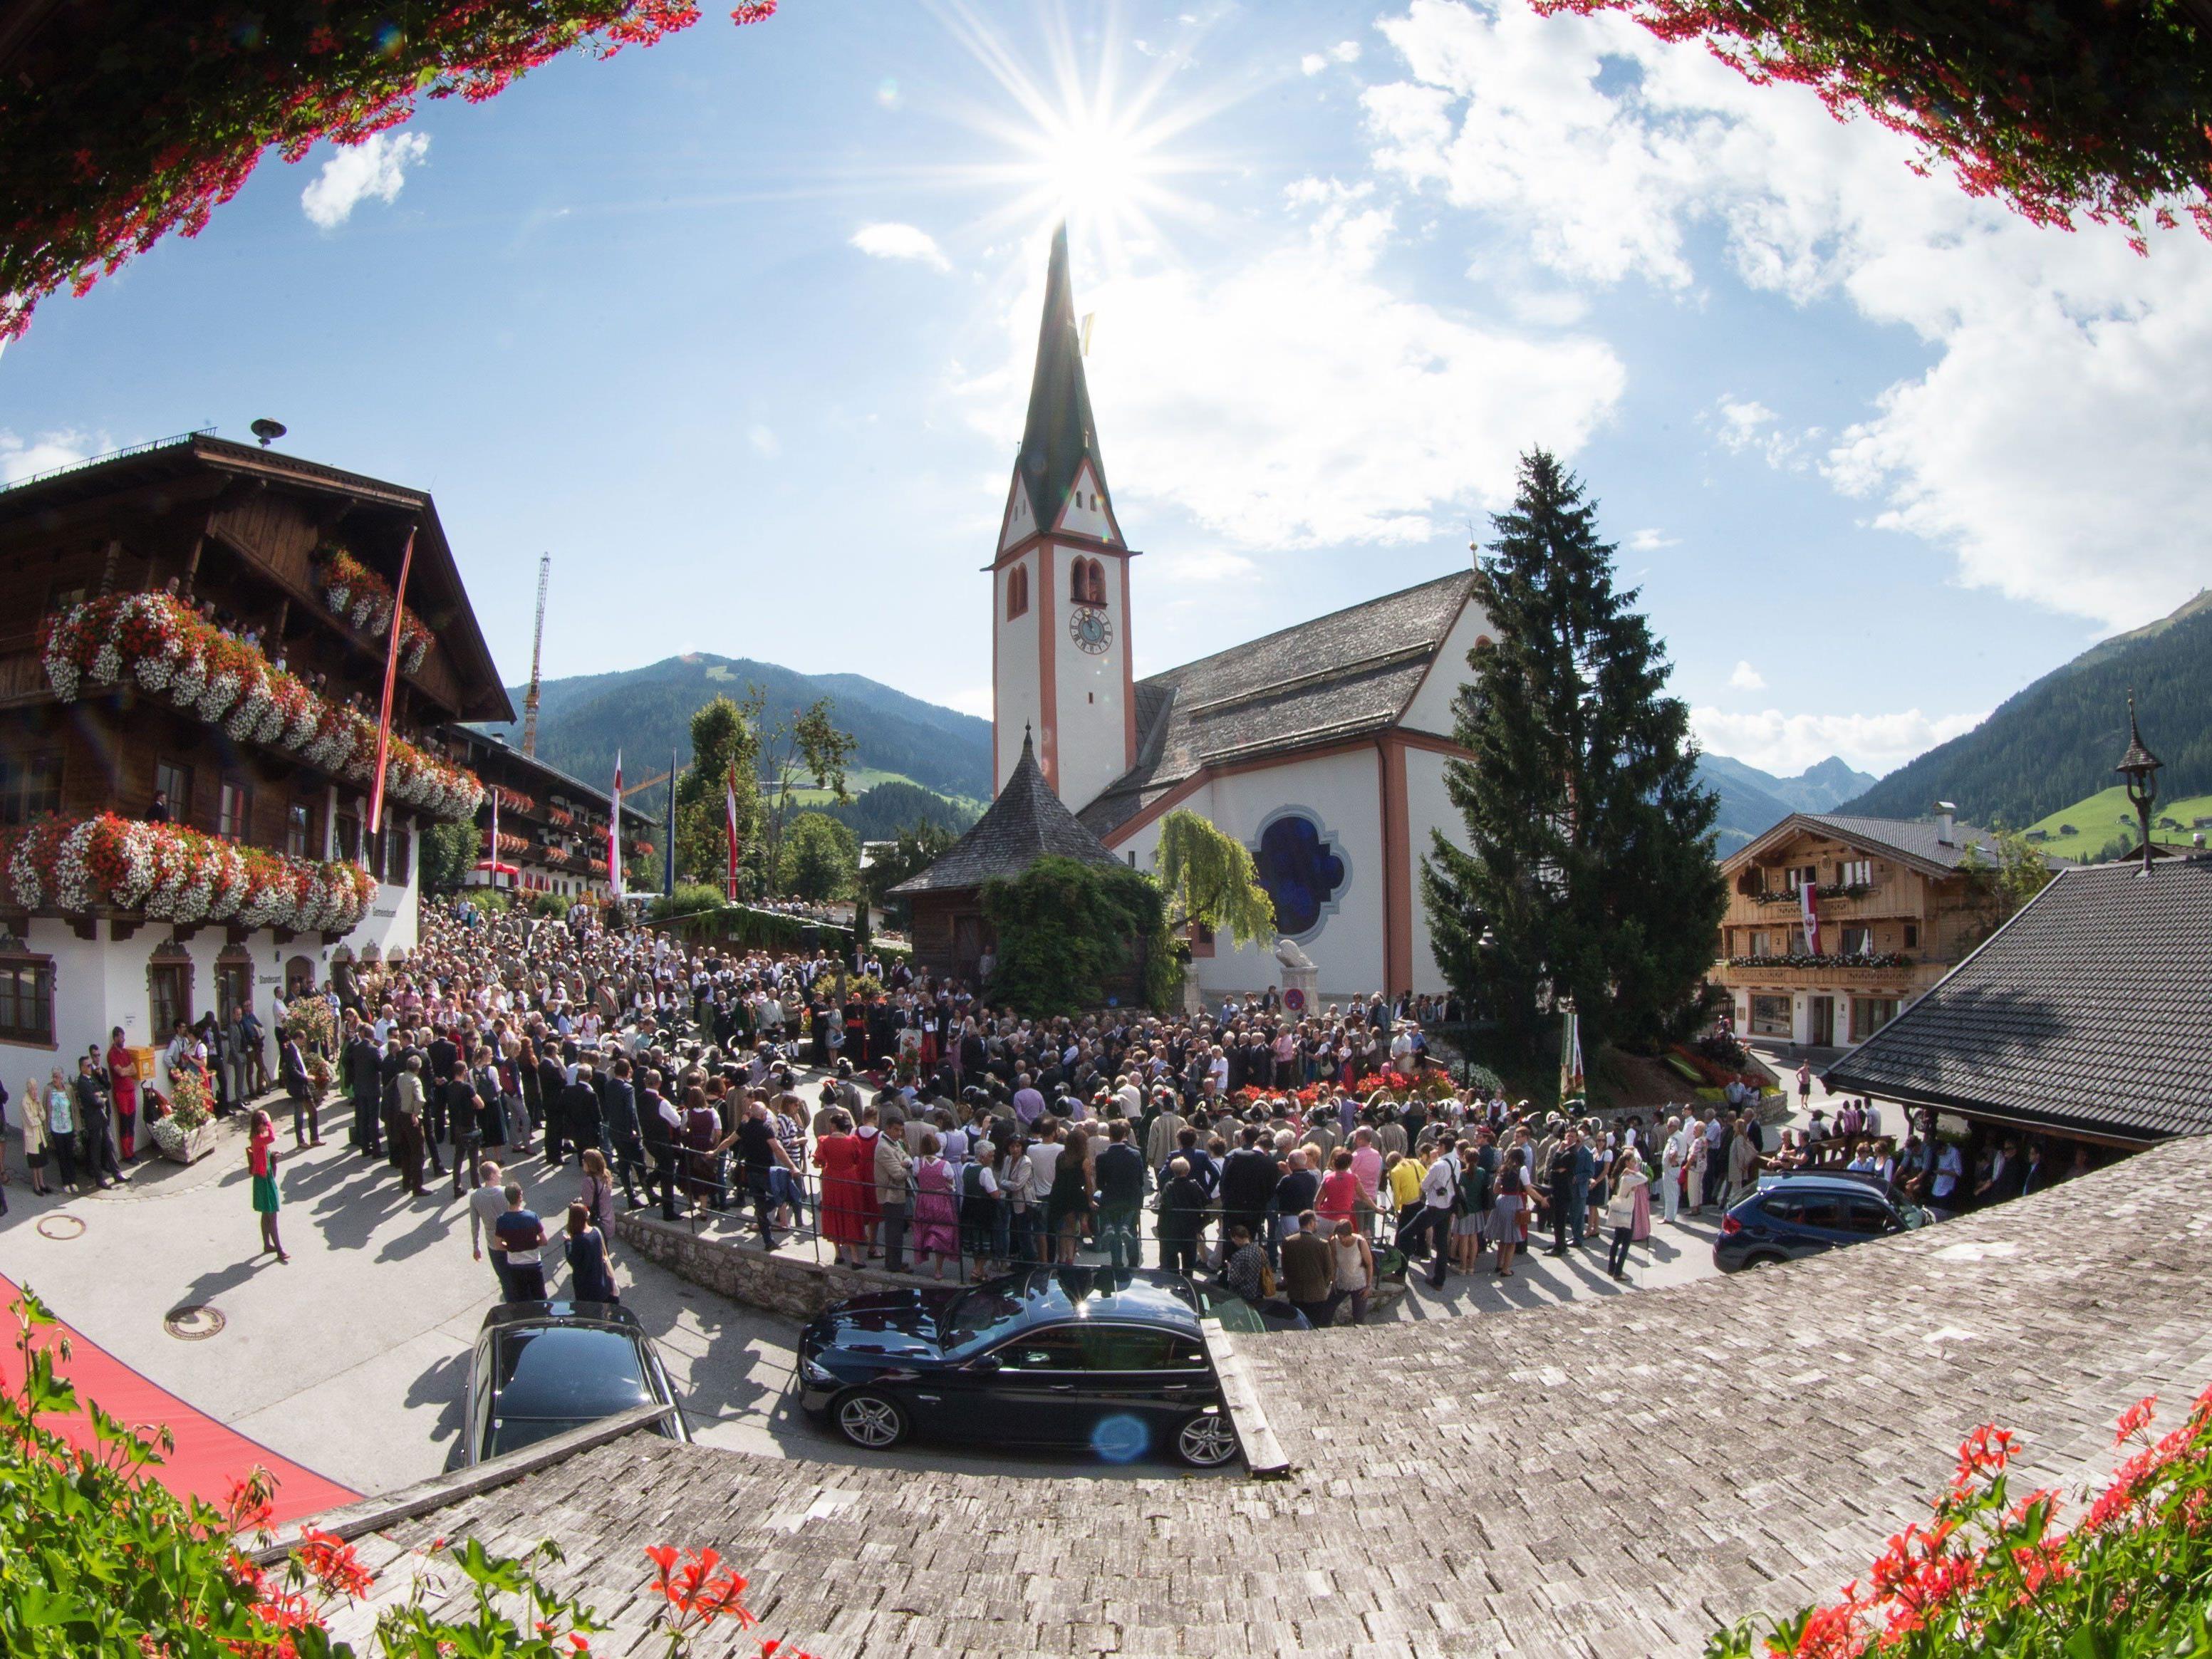 Bild von der Eröffnungszeremonie des Forums Alpbach.